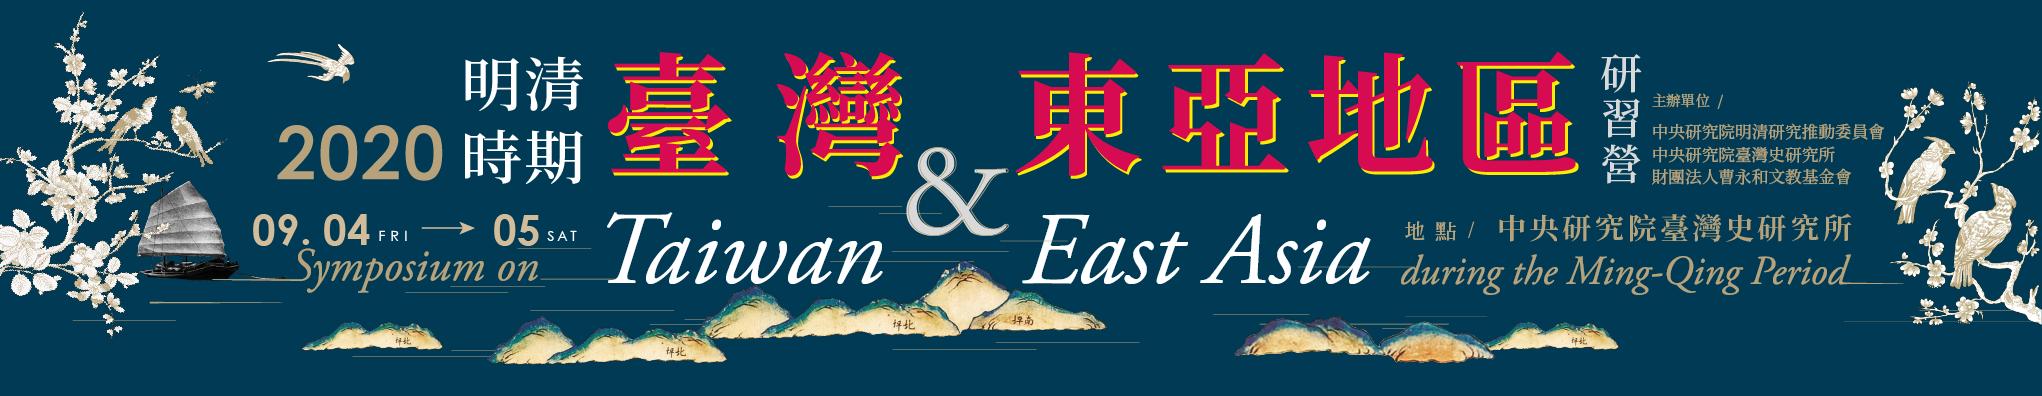 2020明清時期臺灣與東亞地區研習營